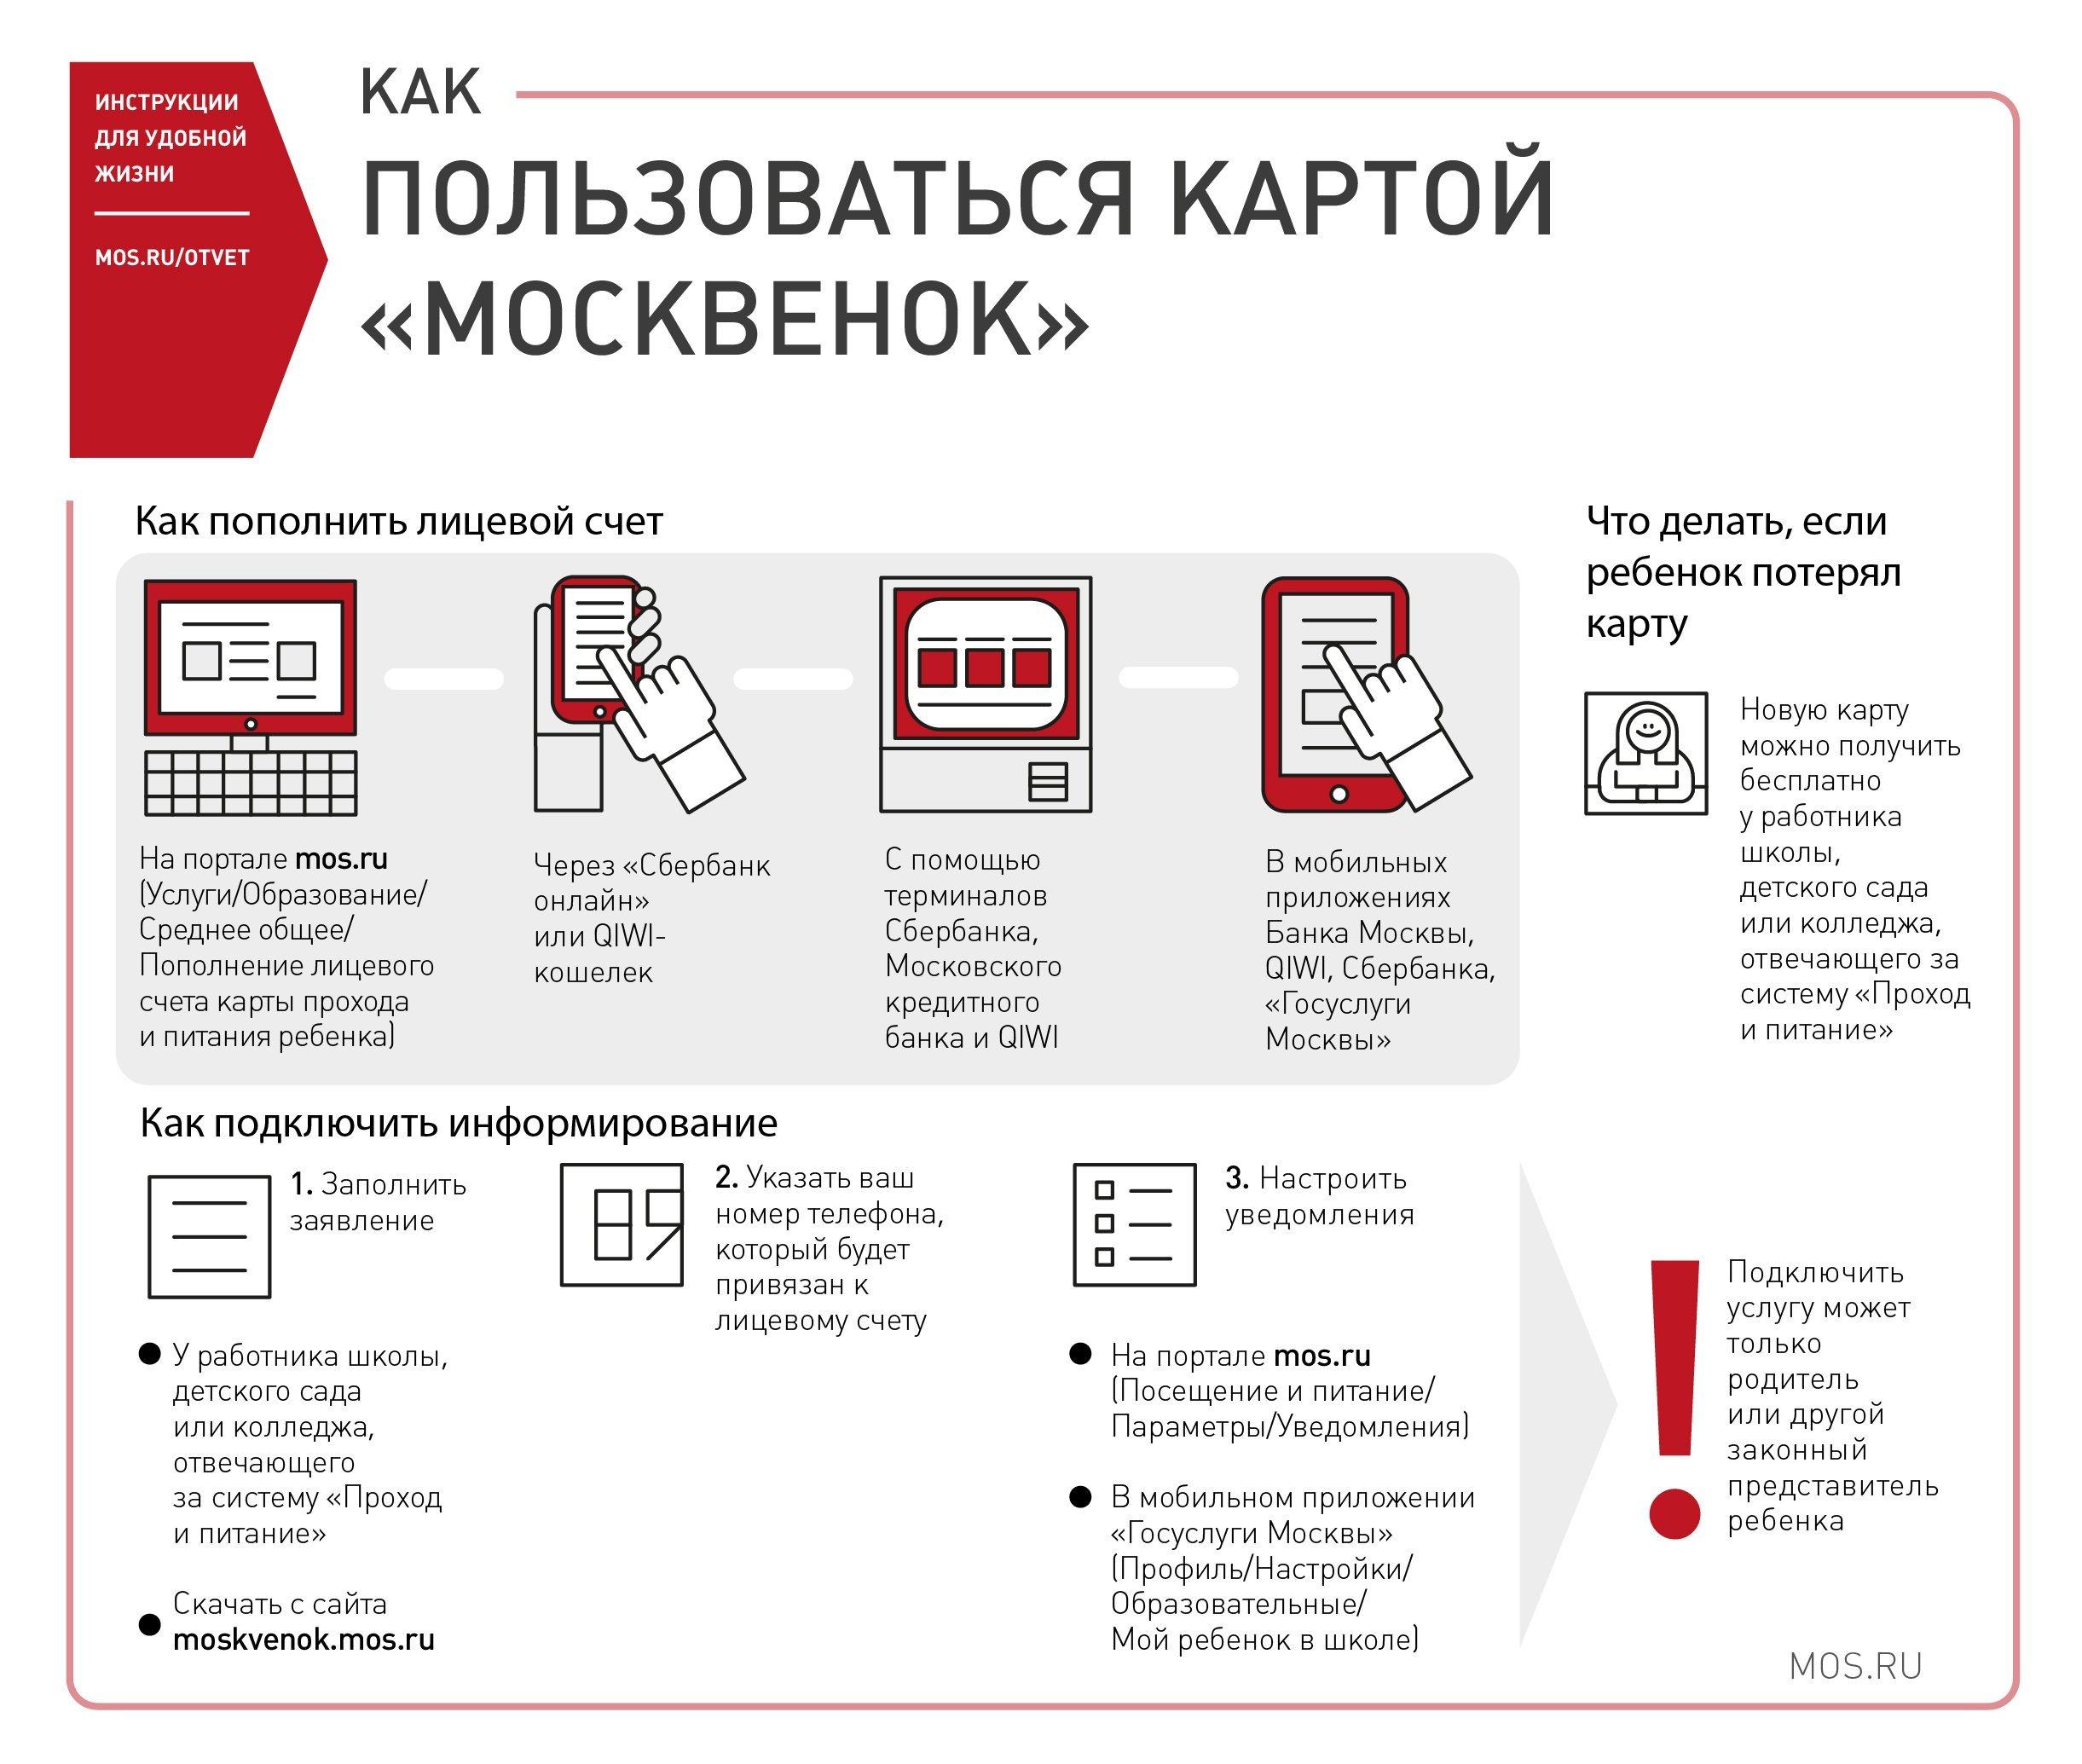 Мигкредит сайт личный кабинет вход по номеру телефона без пароля